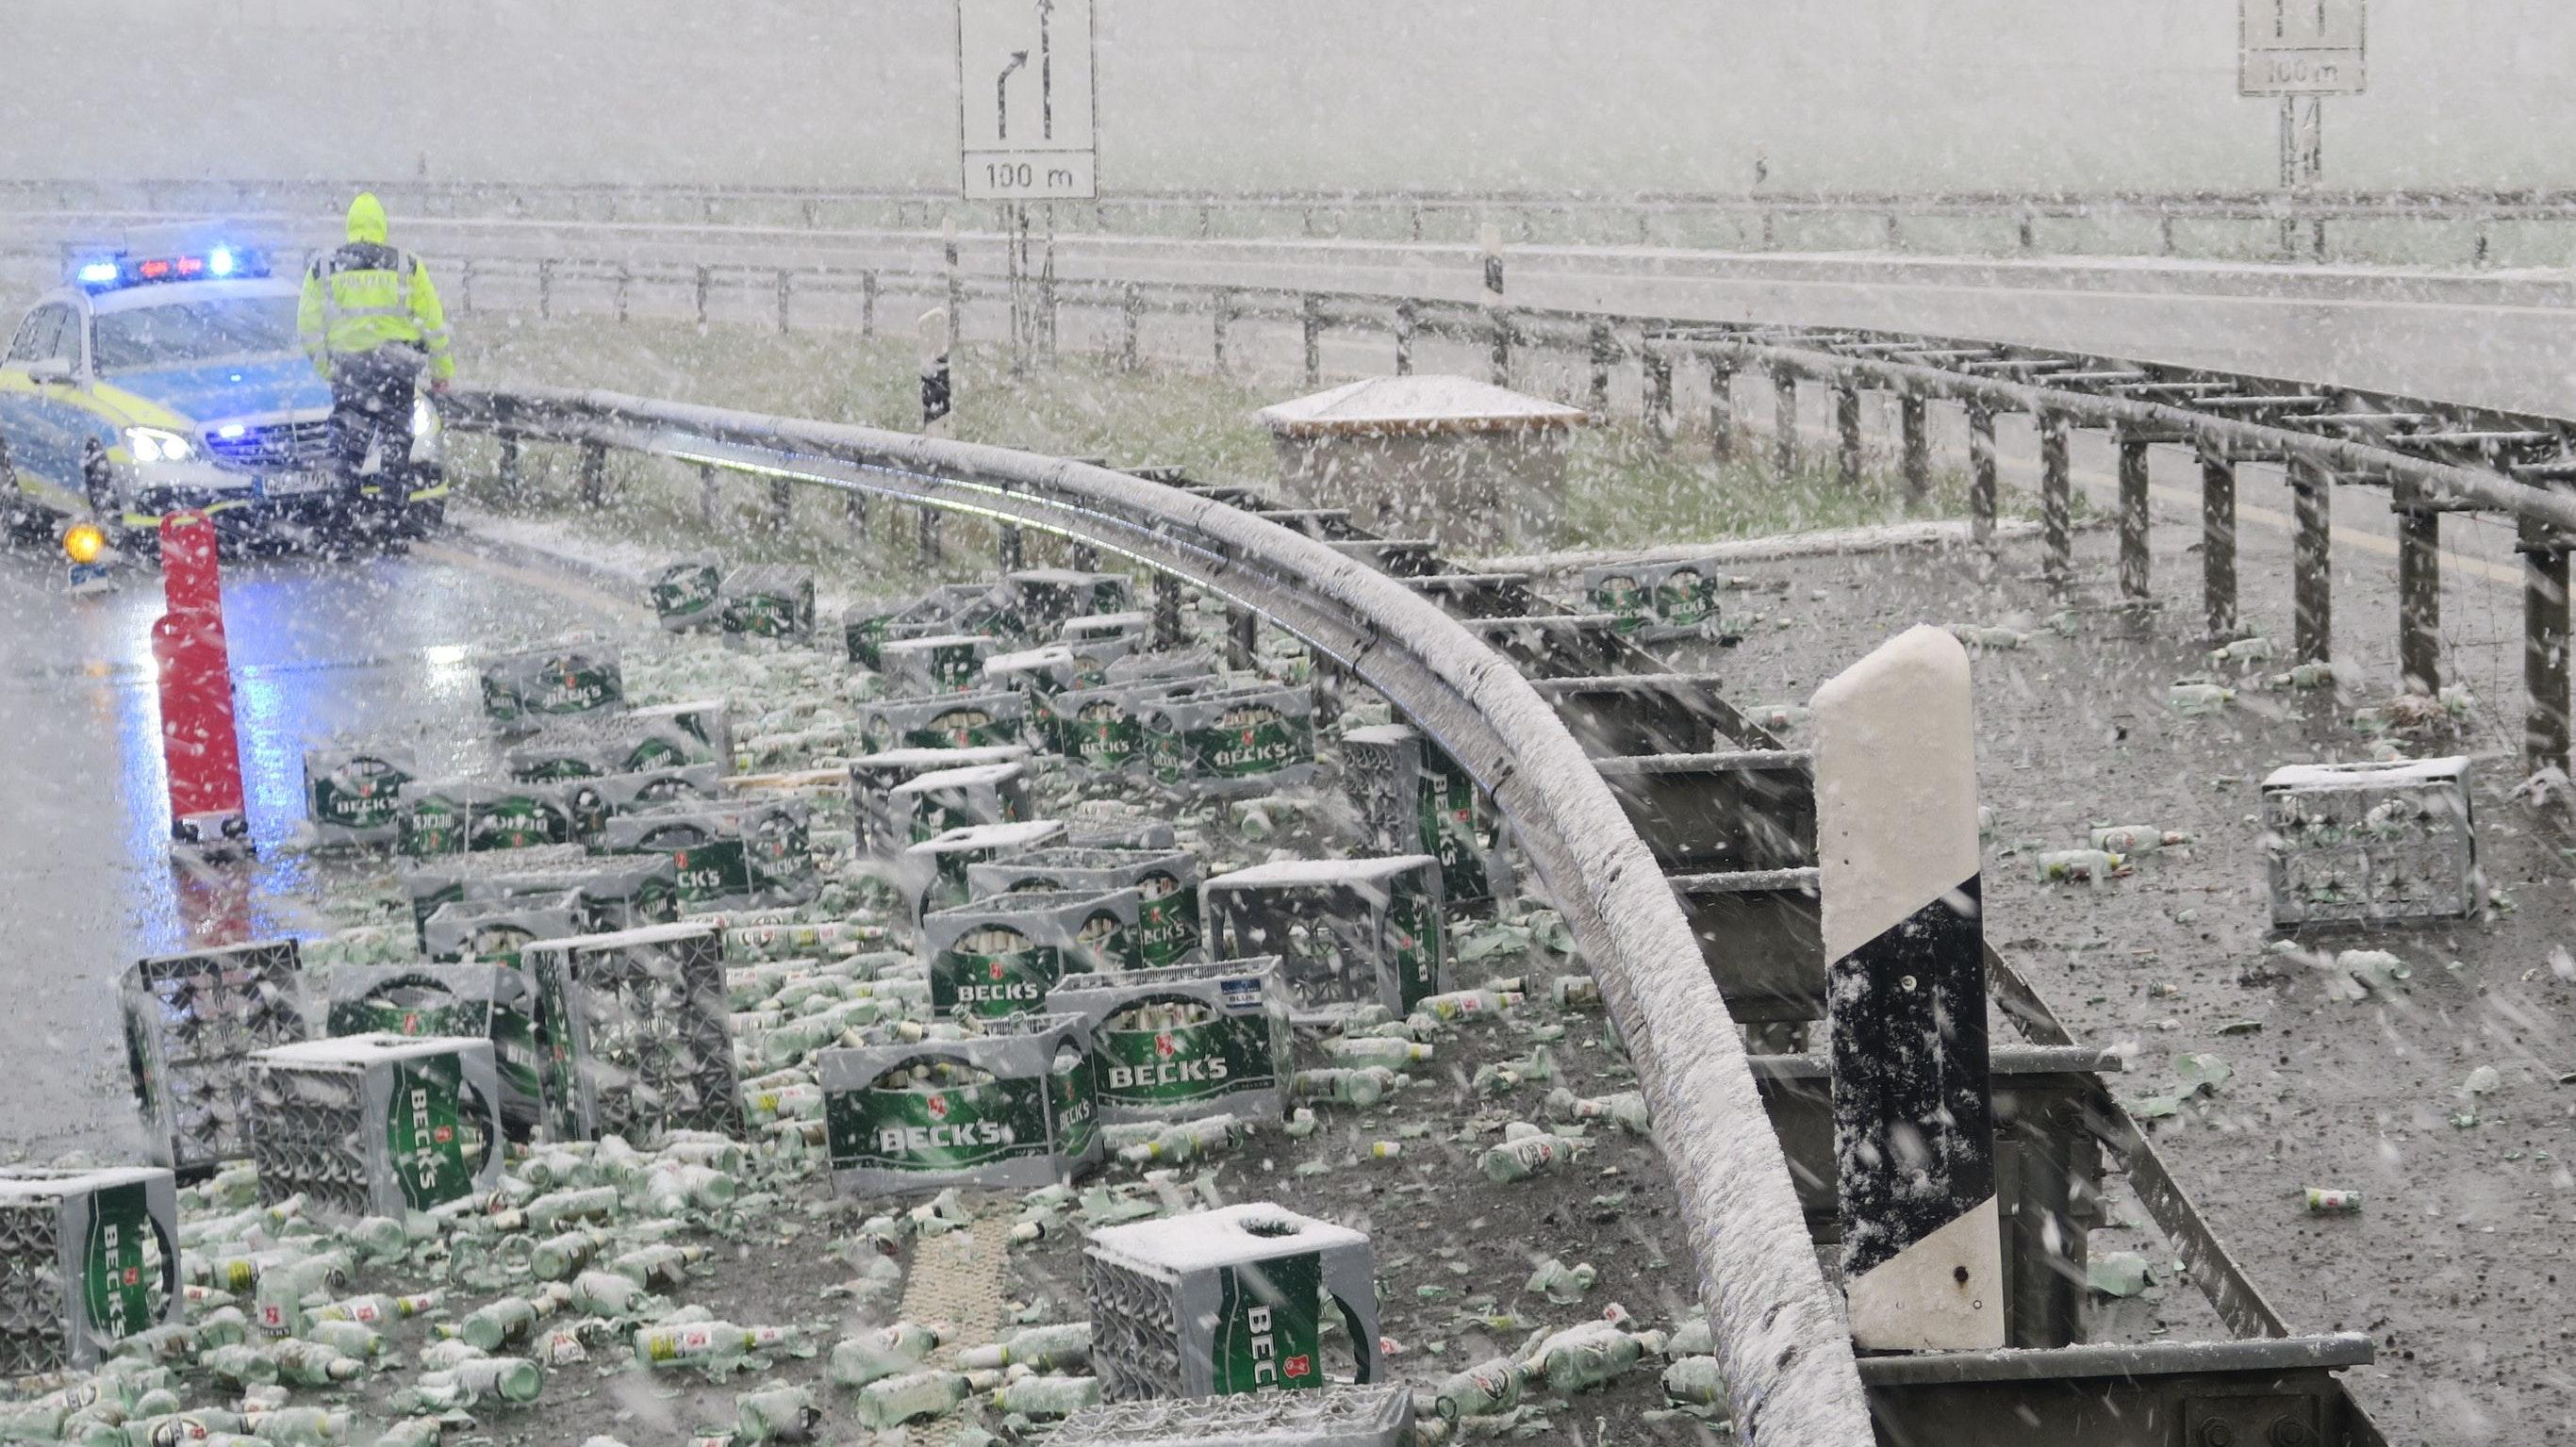 Unfall im Dreieck Stuhr: 55 Bierkisten stürzten auf die Fahrbahn. Foto: Autobahnpolizei Ahlhorn